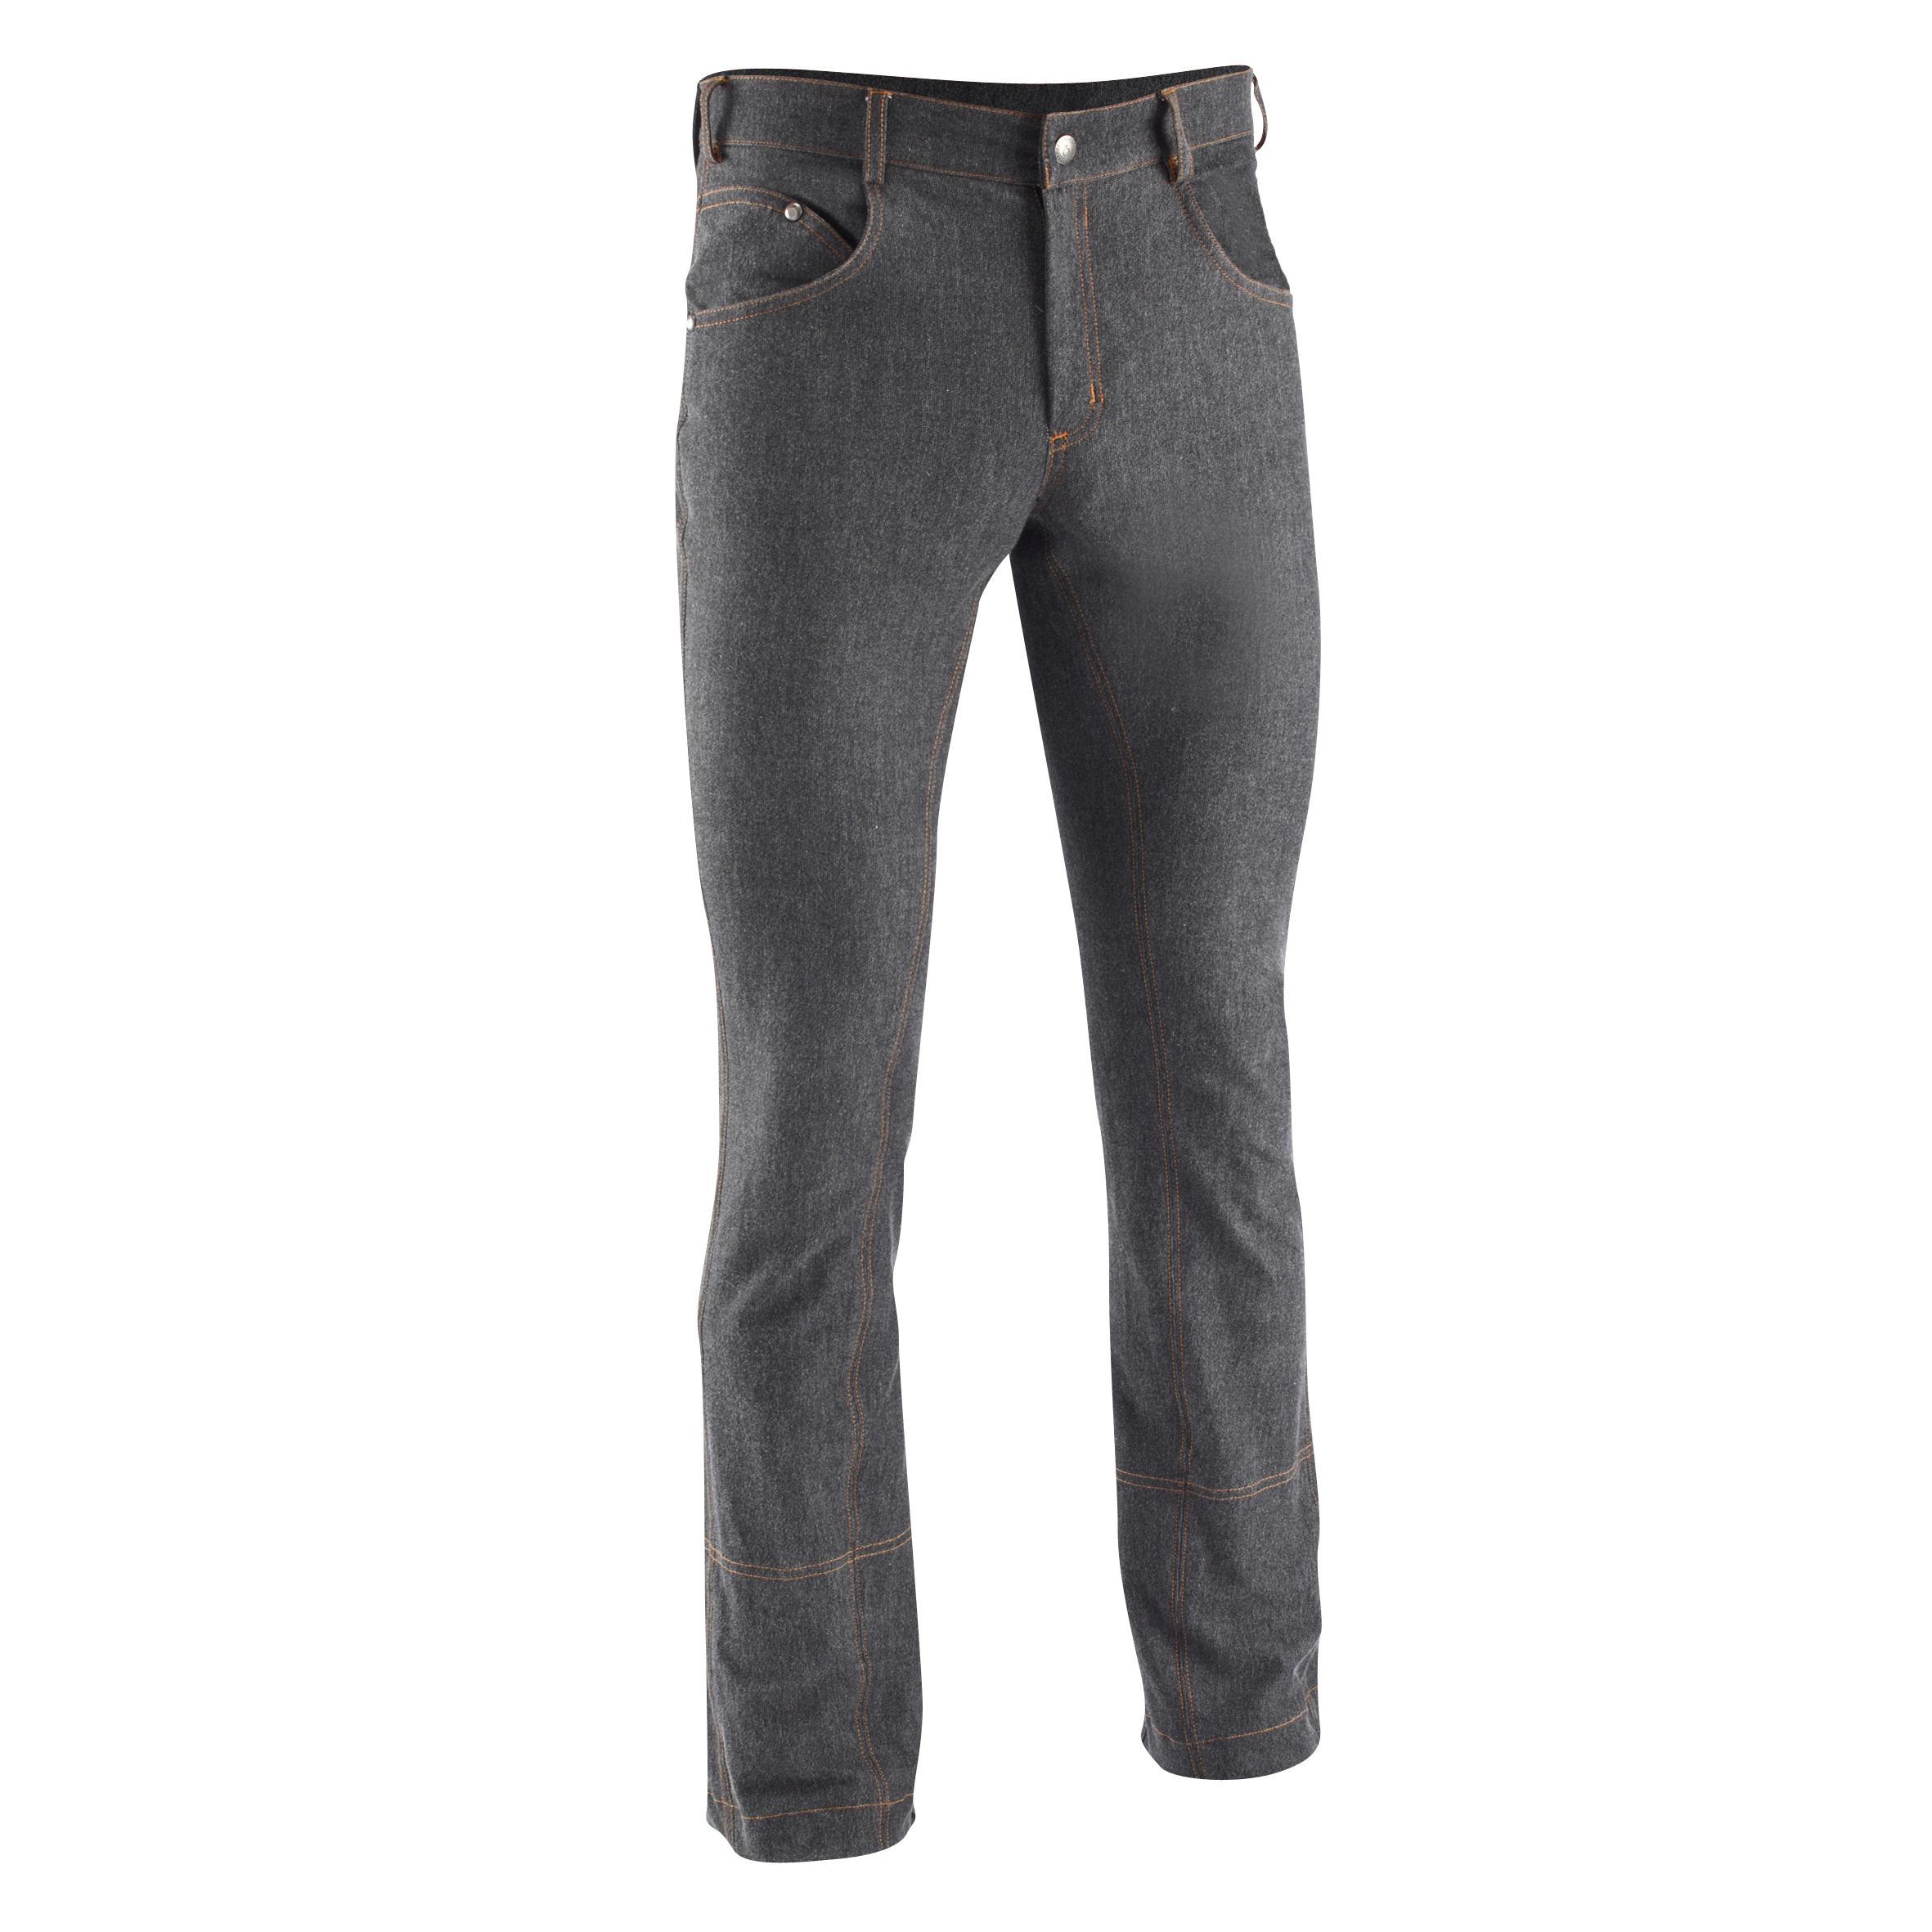 Fouganza Herenrijbroek met rechte pijpen jeans zwart